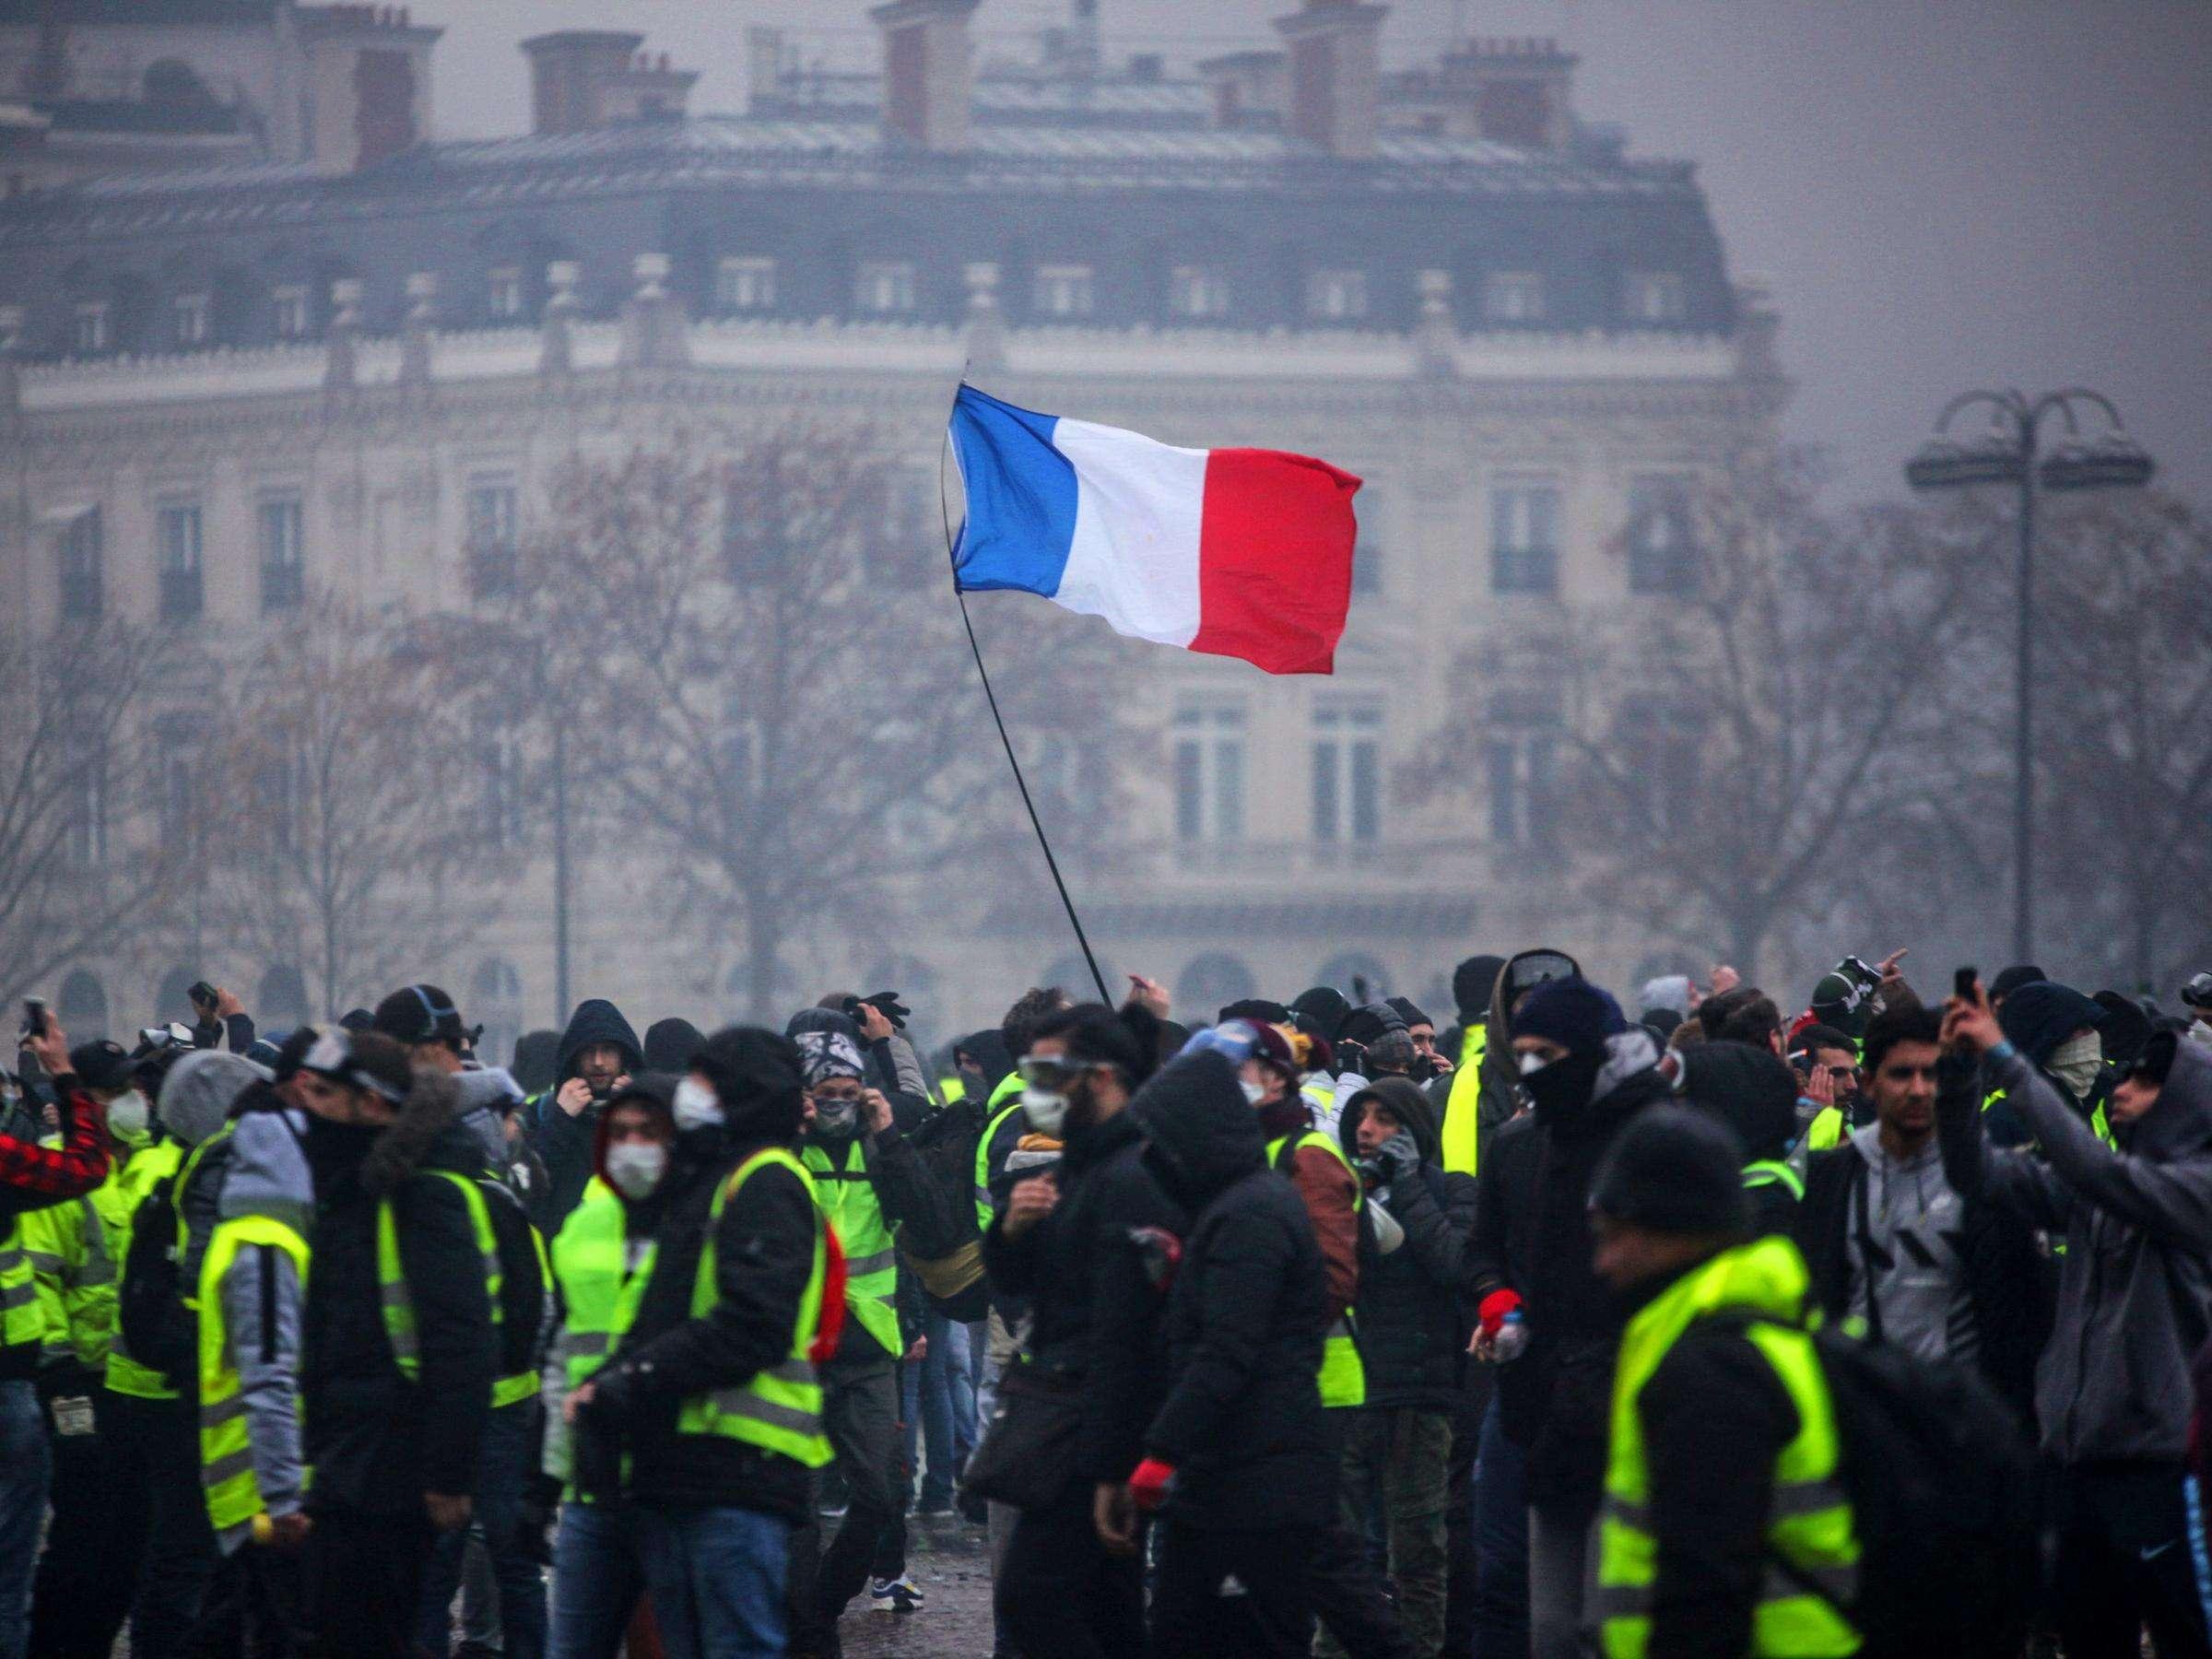 Јake snage policije u centru Pariza, privođenja prije protesta